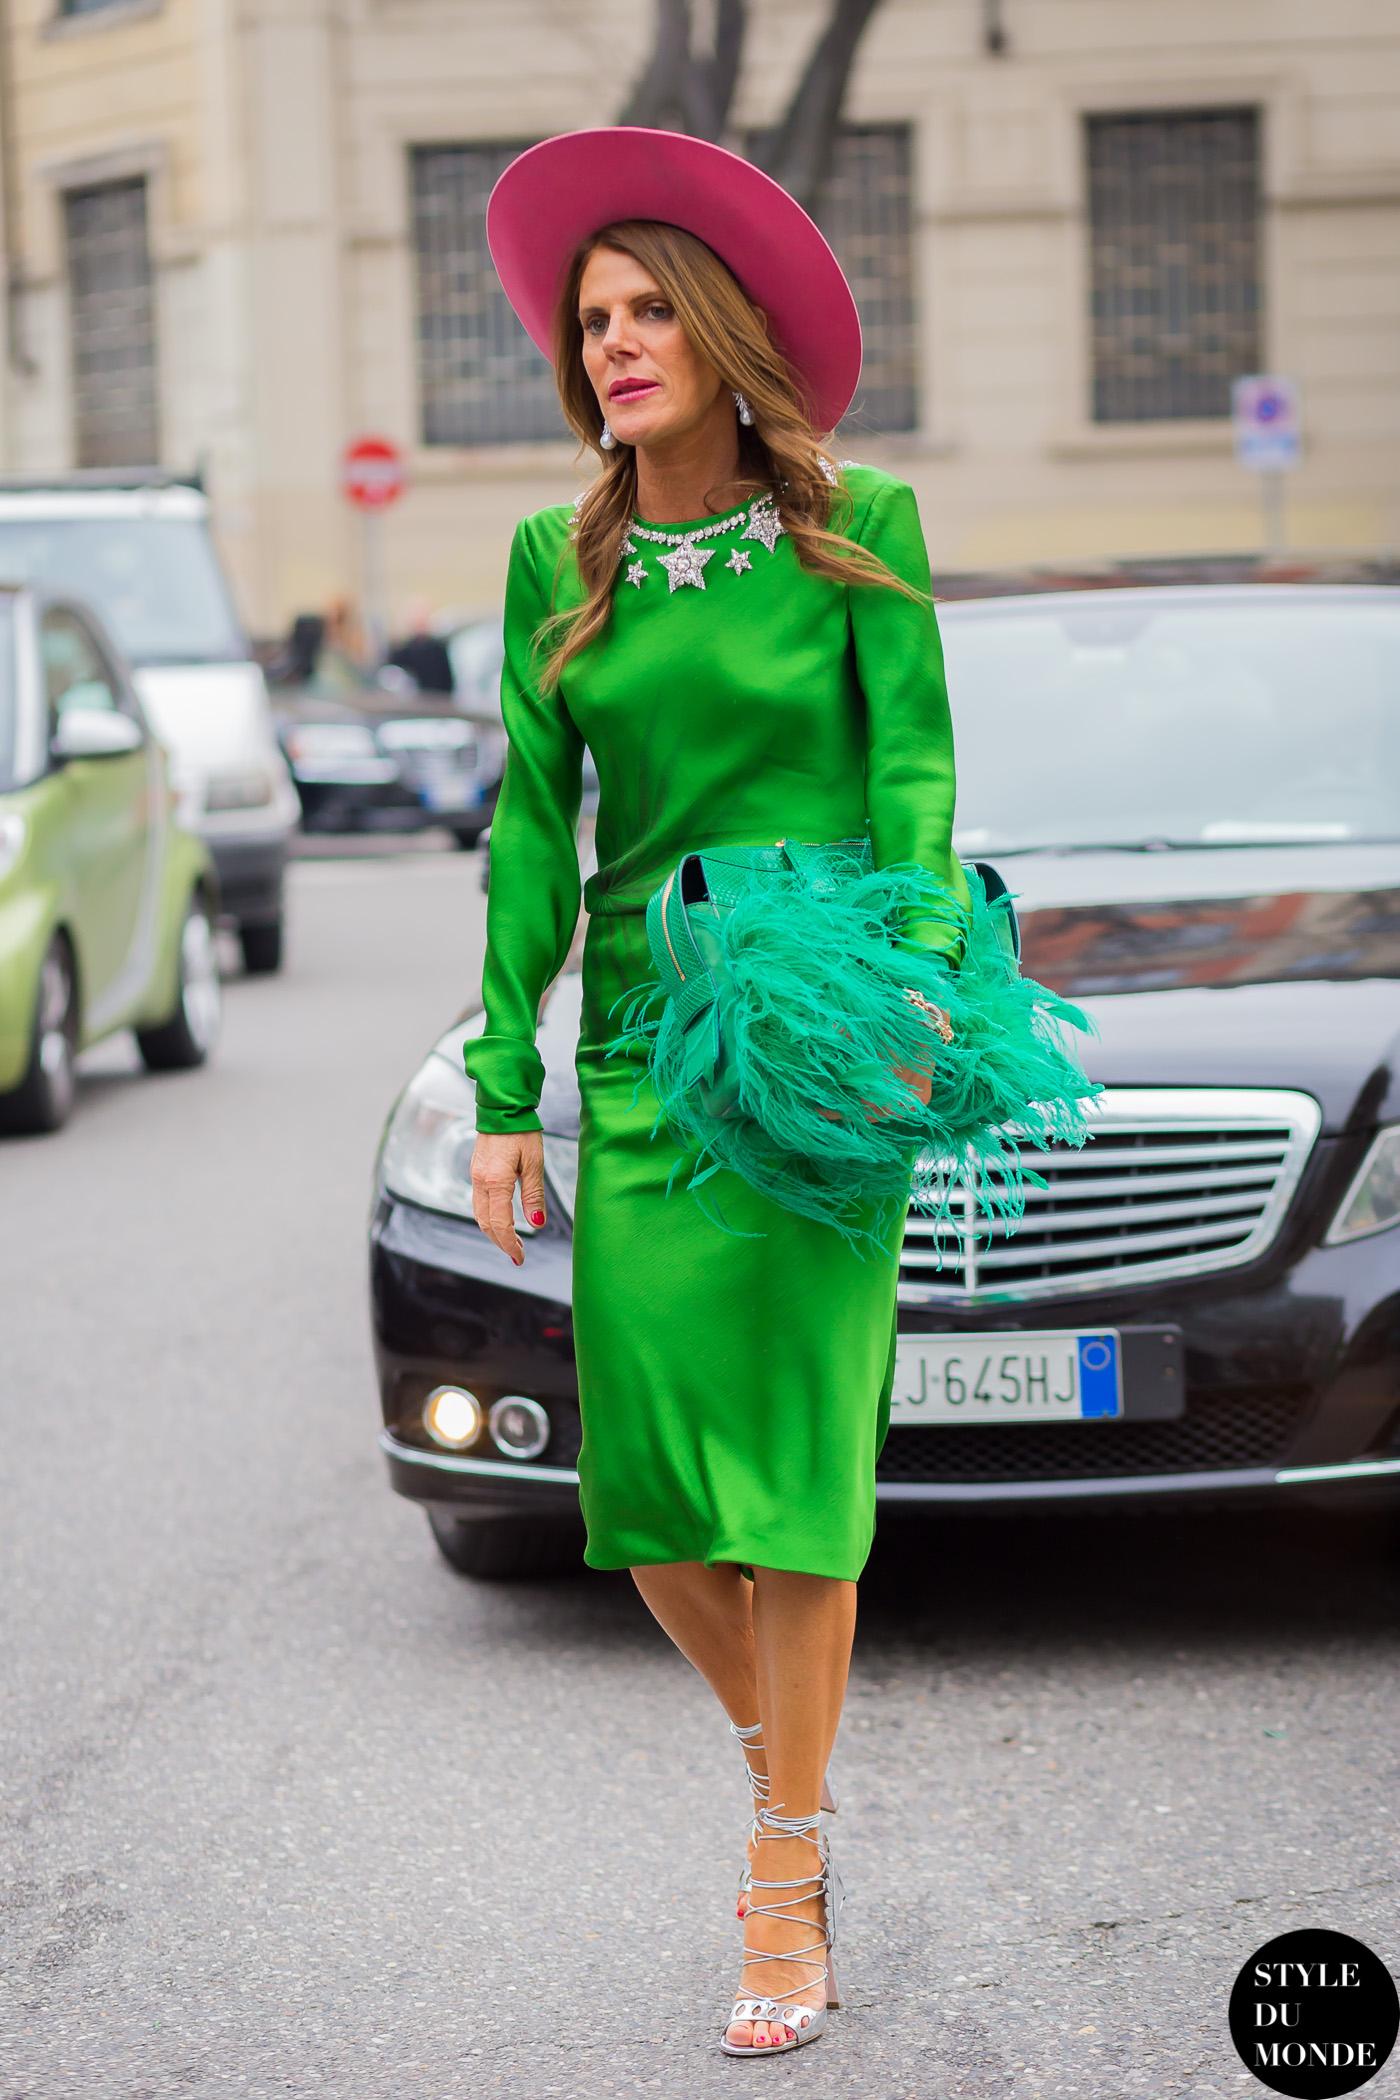 Milan Street Fashion Tumblr